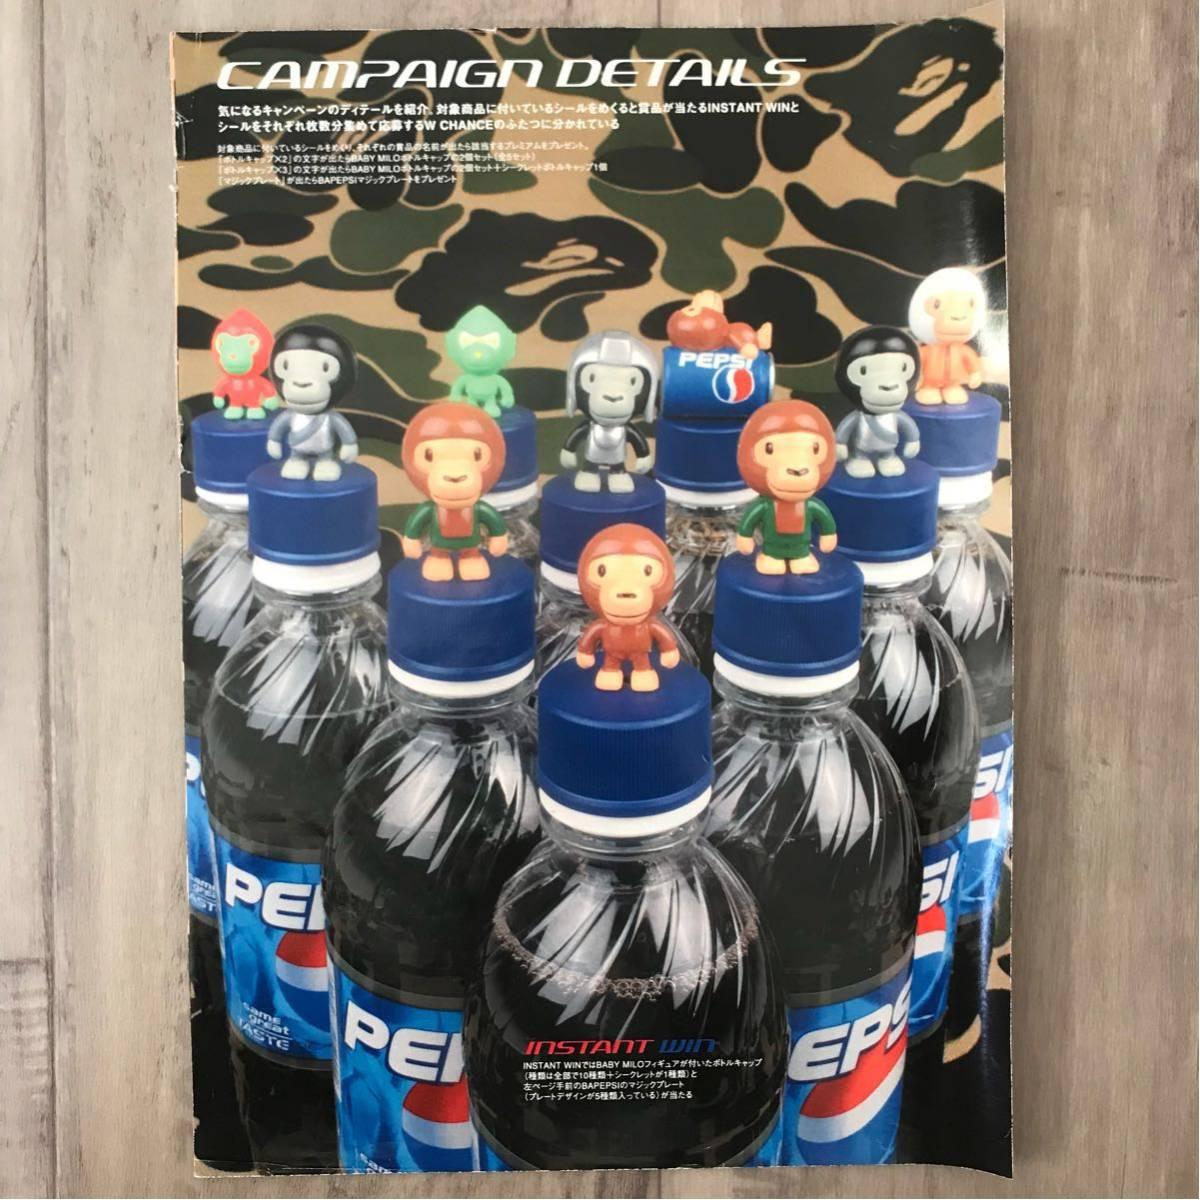 ★激レア★ pepsi × bape ボトルキャップ コンプリートセット a bathing ape エイプ ベイプ アベイシングエイプ ペプシ 非売品 フィギュア